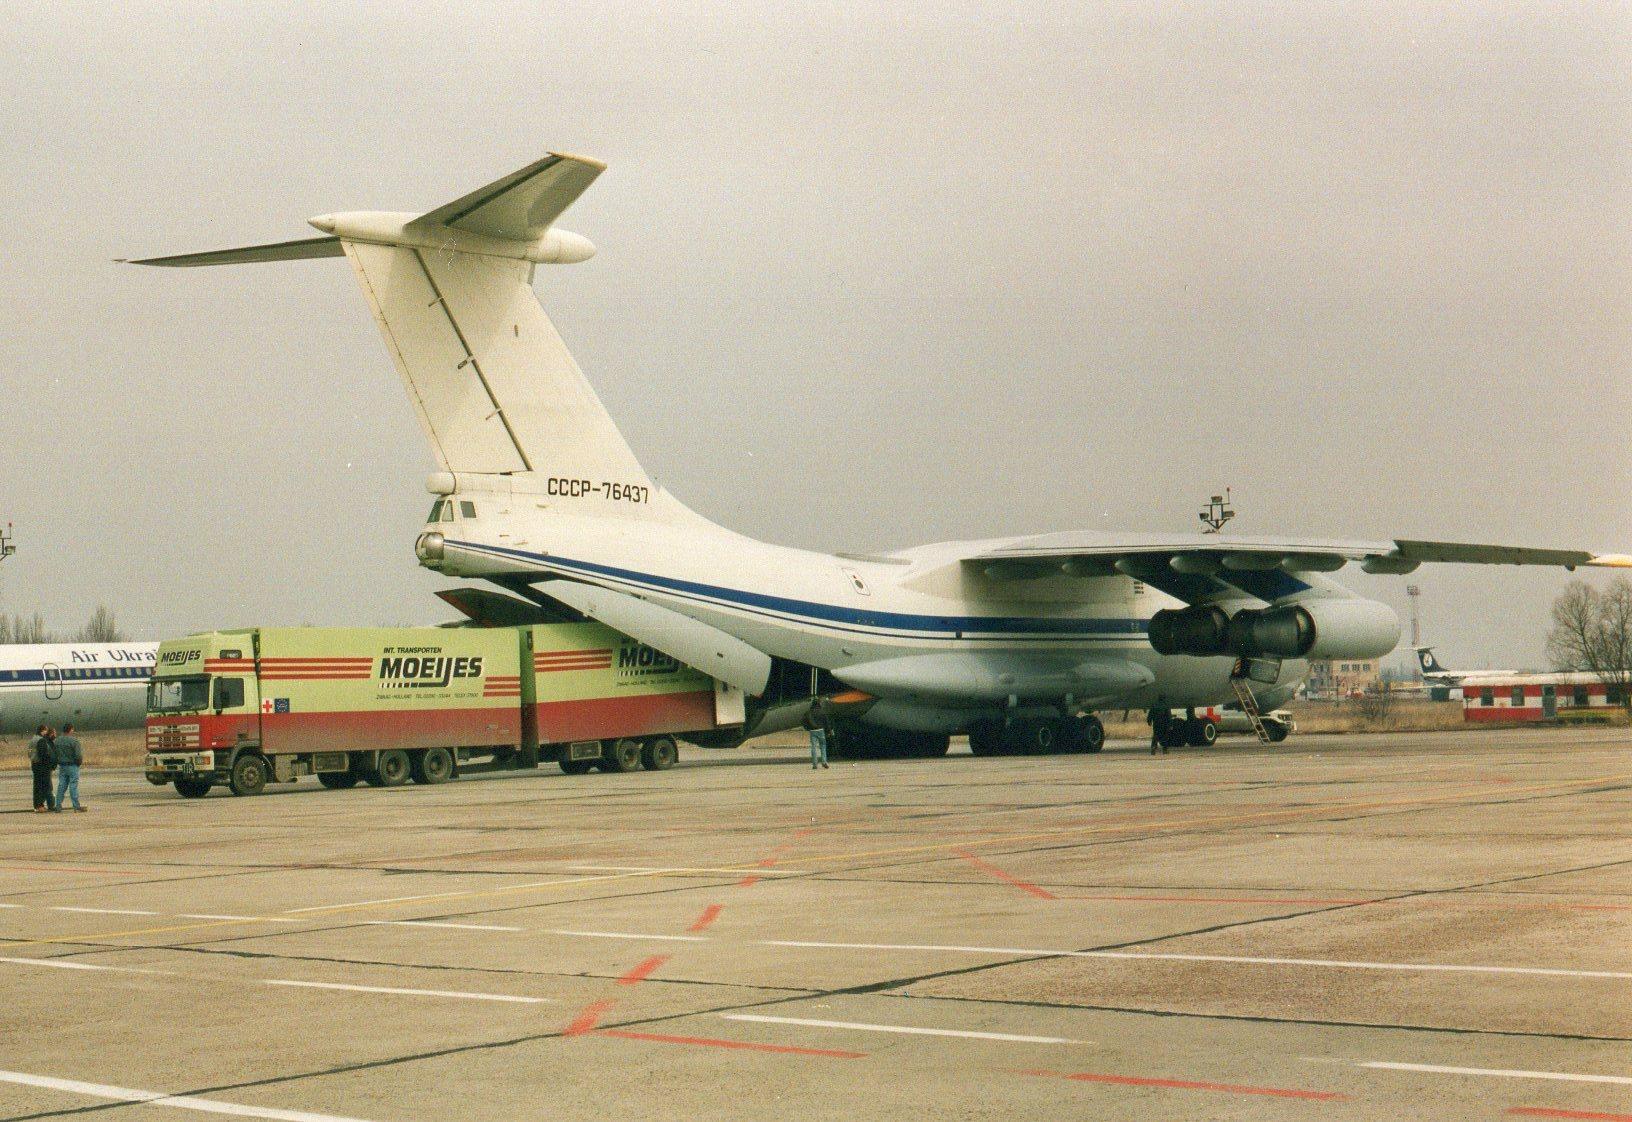 1993-Transporten-medicijnen-voor-het-Rode-Kruis-met-bestemming-Armenie.-Rijden-naar-Armenie-was-toen-te-gevaarlijk-in-Kiev-werd-het-overgeladen-9